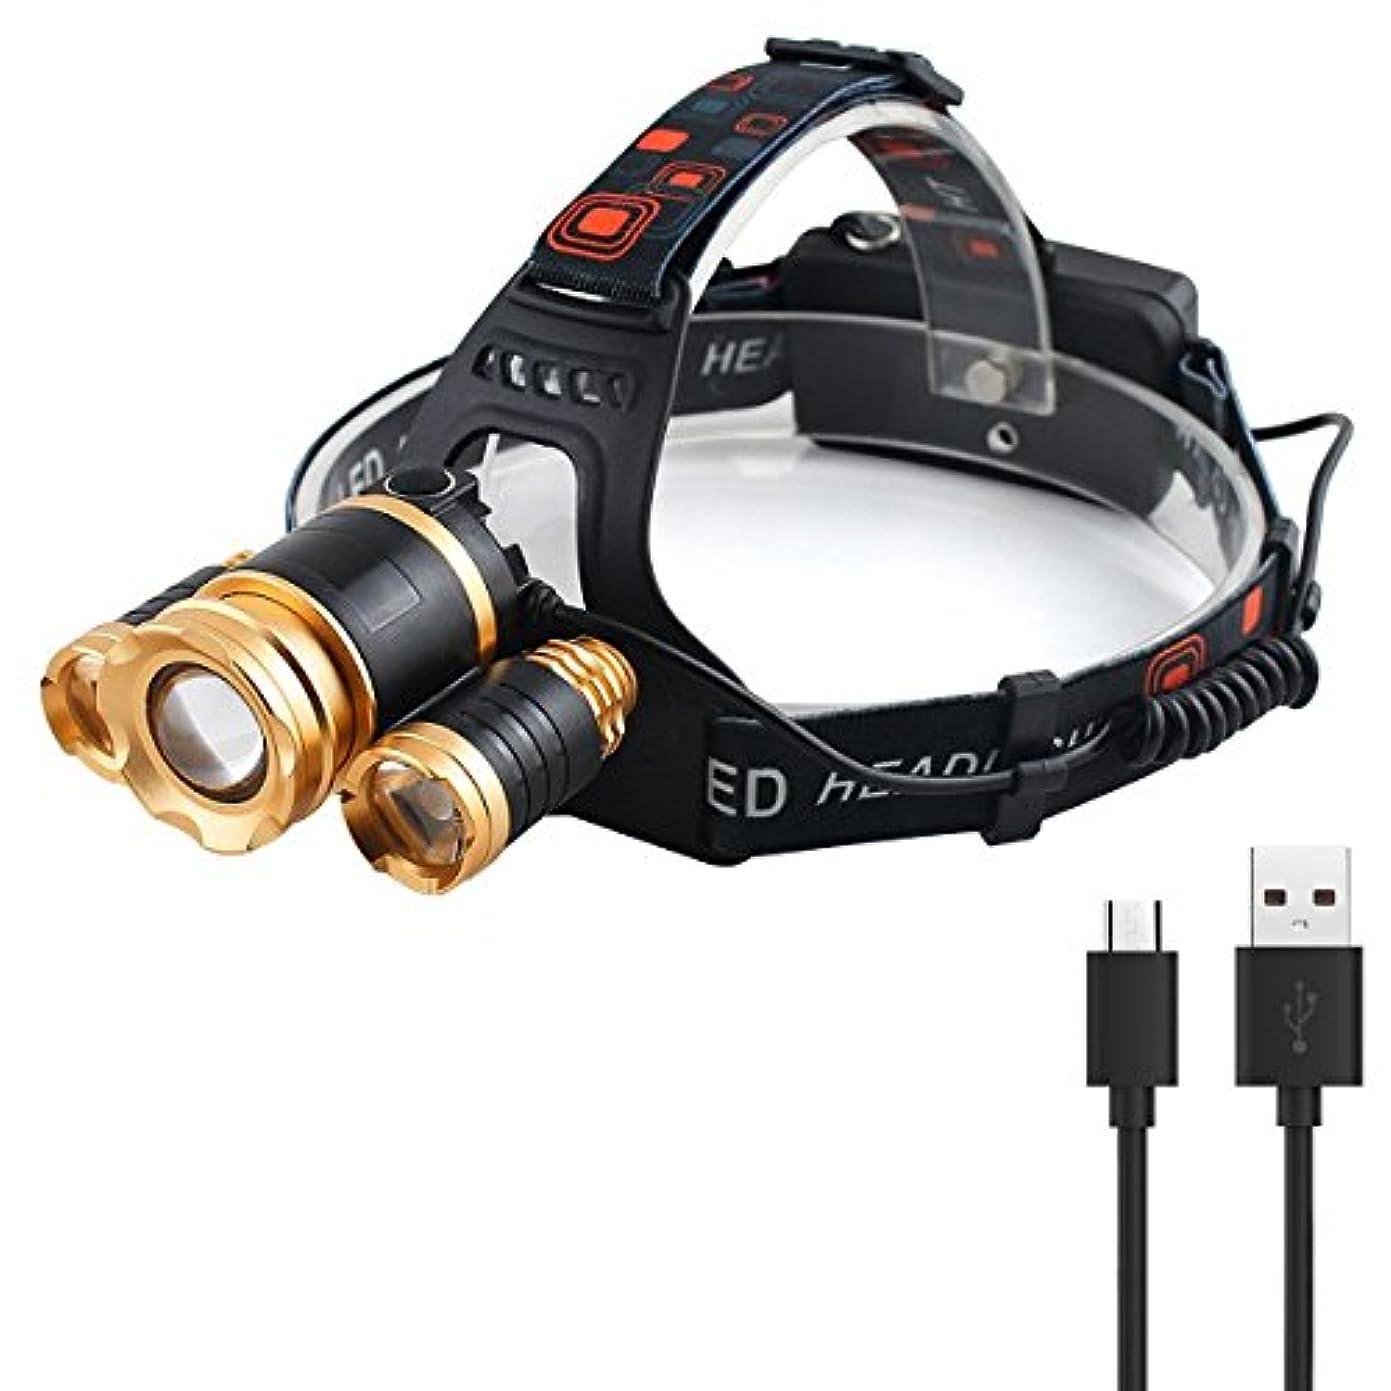 デッキポテトインサート超高輝度 ヘッドランプ 3つLEDチップ フォーカス調整可調整可 USB充電式 4モード点灯 18650電池×2本 防災 登山 夜釣り